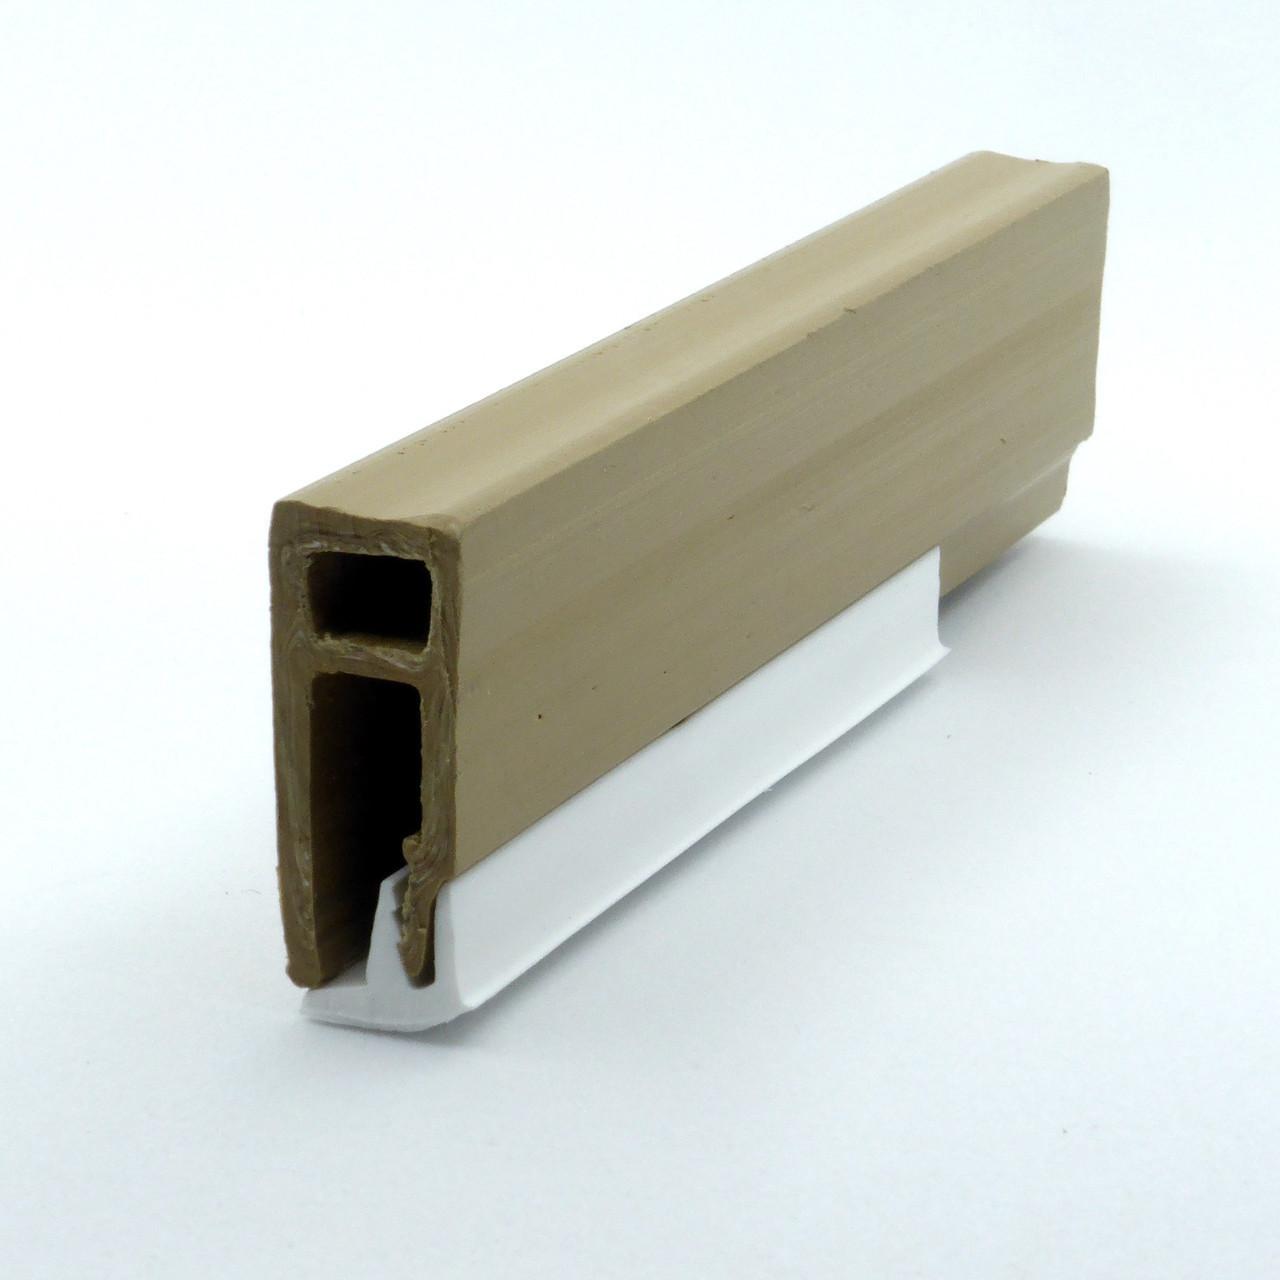 Профіль пластиковий для натяжних стель - без бортика з перфорацією. Довжина профілю 2 м.